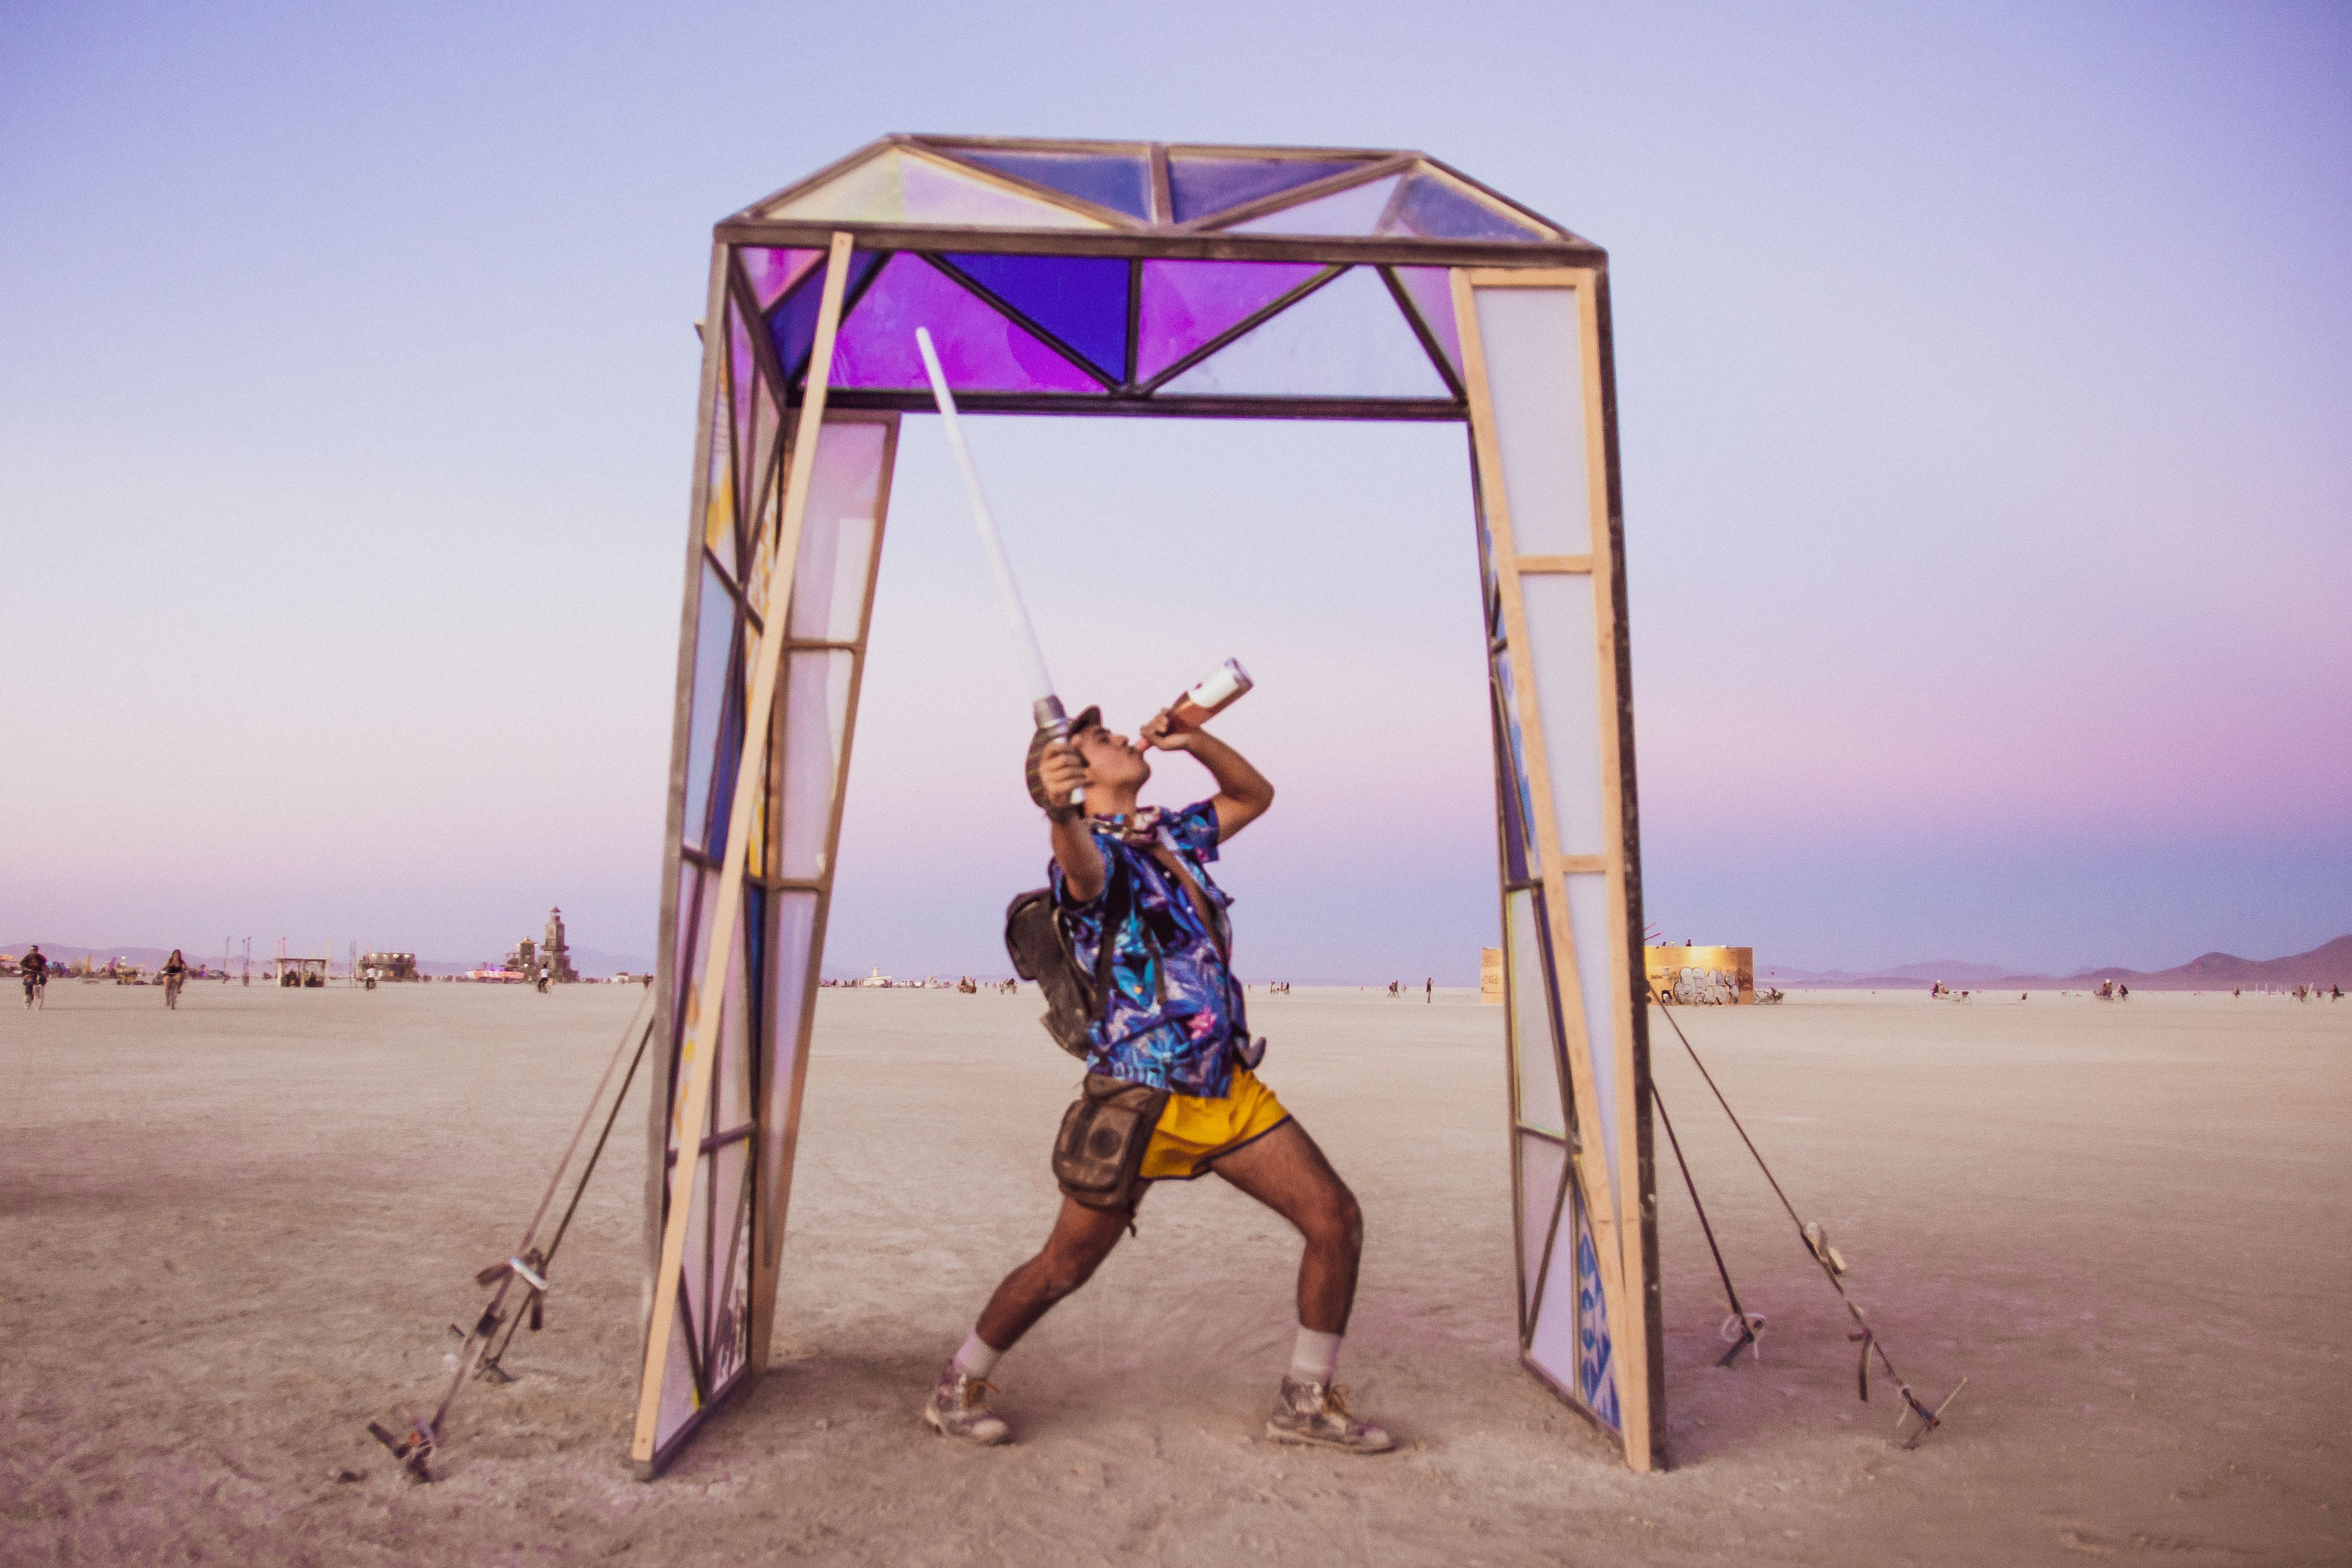 #BurningMan #BurningMan2019 #Playa #Dusty #DustyBurner #BurnerFashion #BurningManFashion #BurningManPhotography #Inspiration #HappyPlace #CampSoftLanding #AndroidOasis #BurningManPhotographer #ExploreBurningMan #BlackRockDesert #BlackRockCity #HouseMusic #PlayaTech #Techno #ArtCar #BurningManCamp #Dusty #InDustWeTrust #Rosé #Jedi